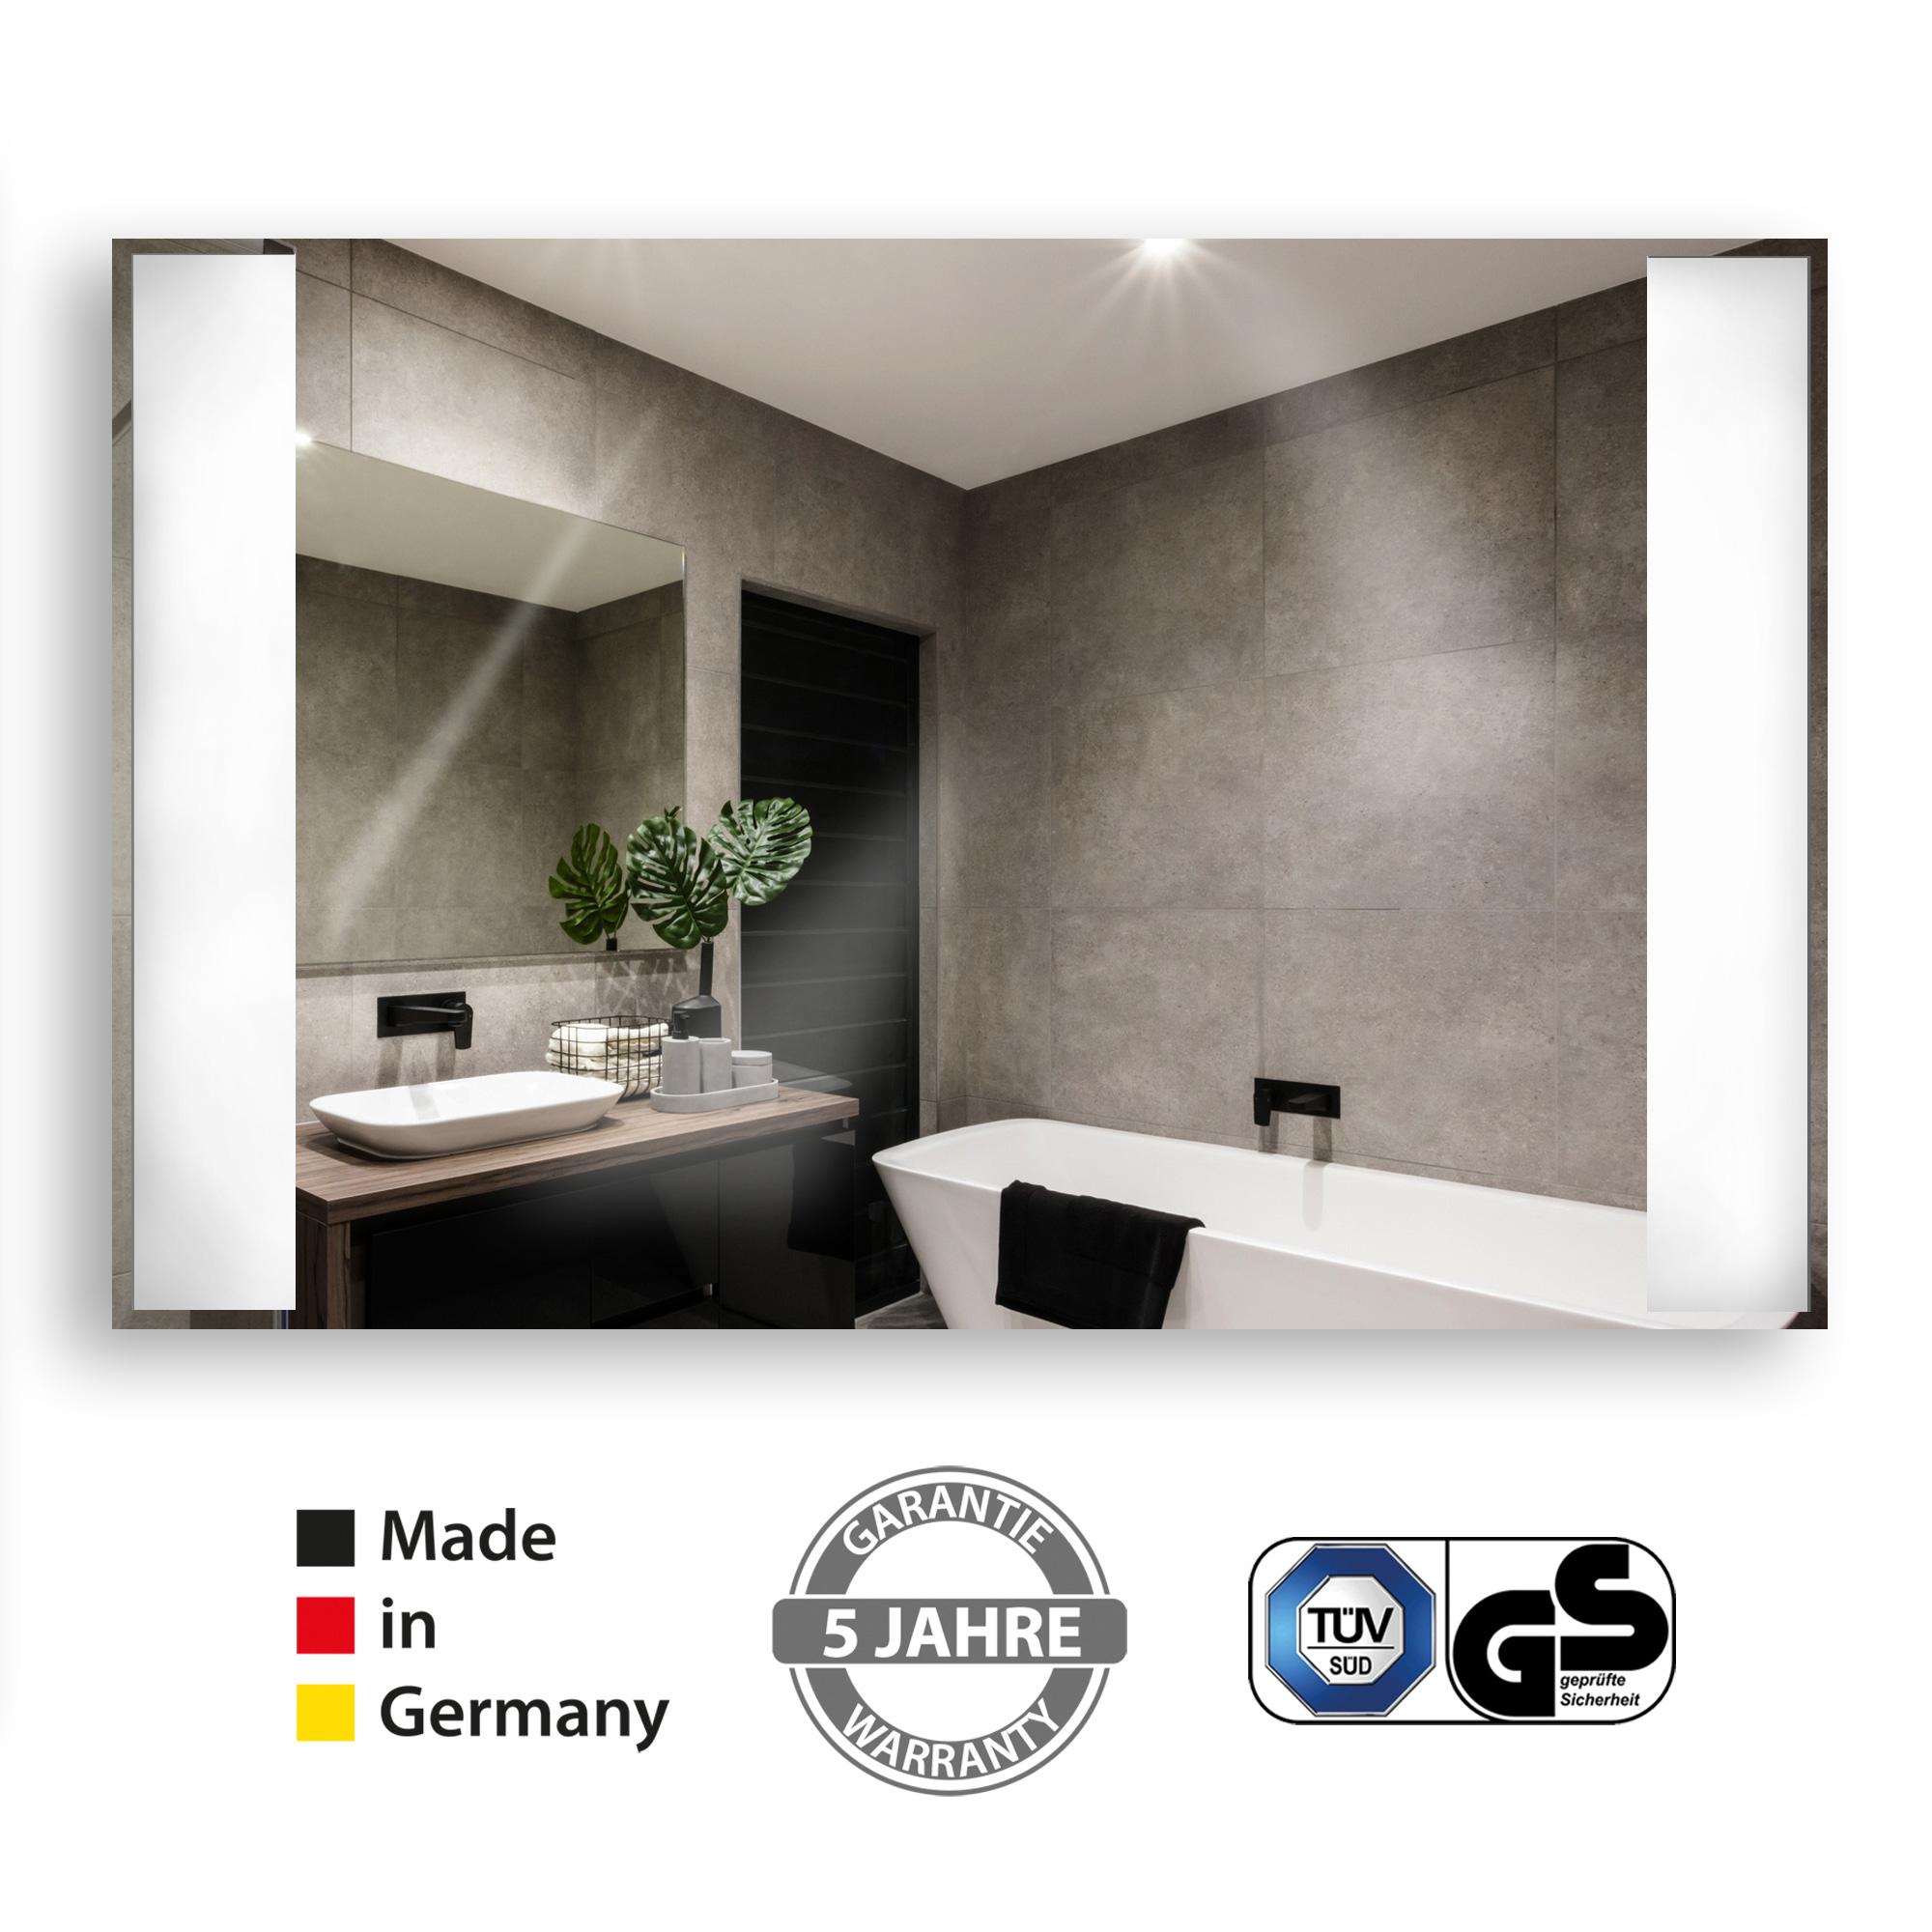 Infrarotheizung Hersteller VASNER produziert Spiegelheizungen mit Licht ohne Rahmen